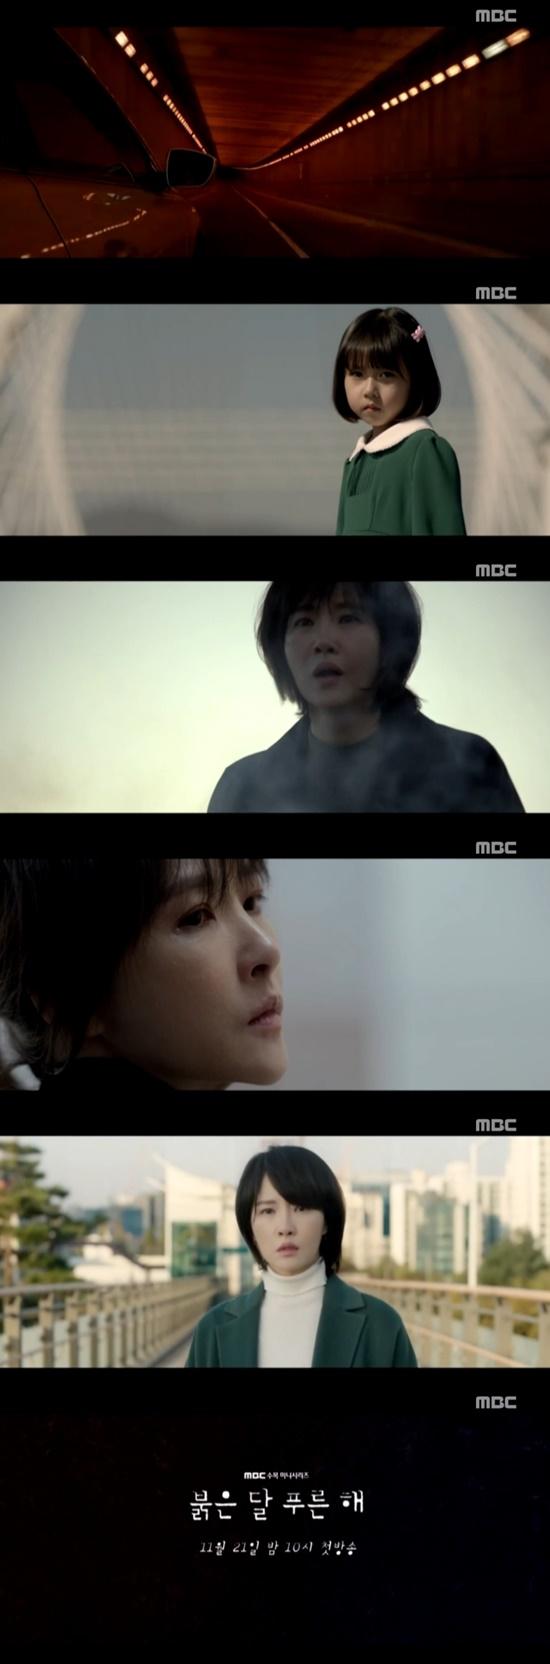 '연기神' 김선아가 돌아왔다…'붉은 달 푸른 해' 티저 공개